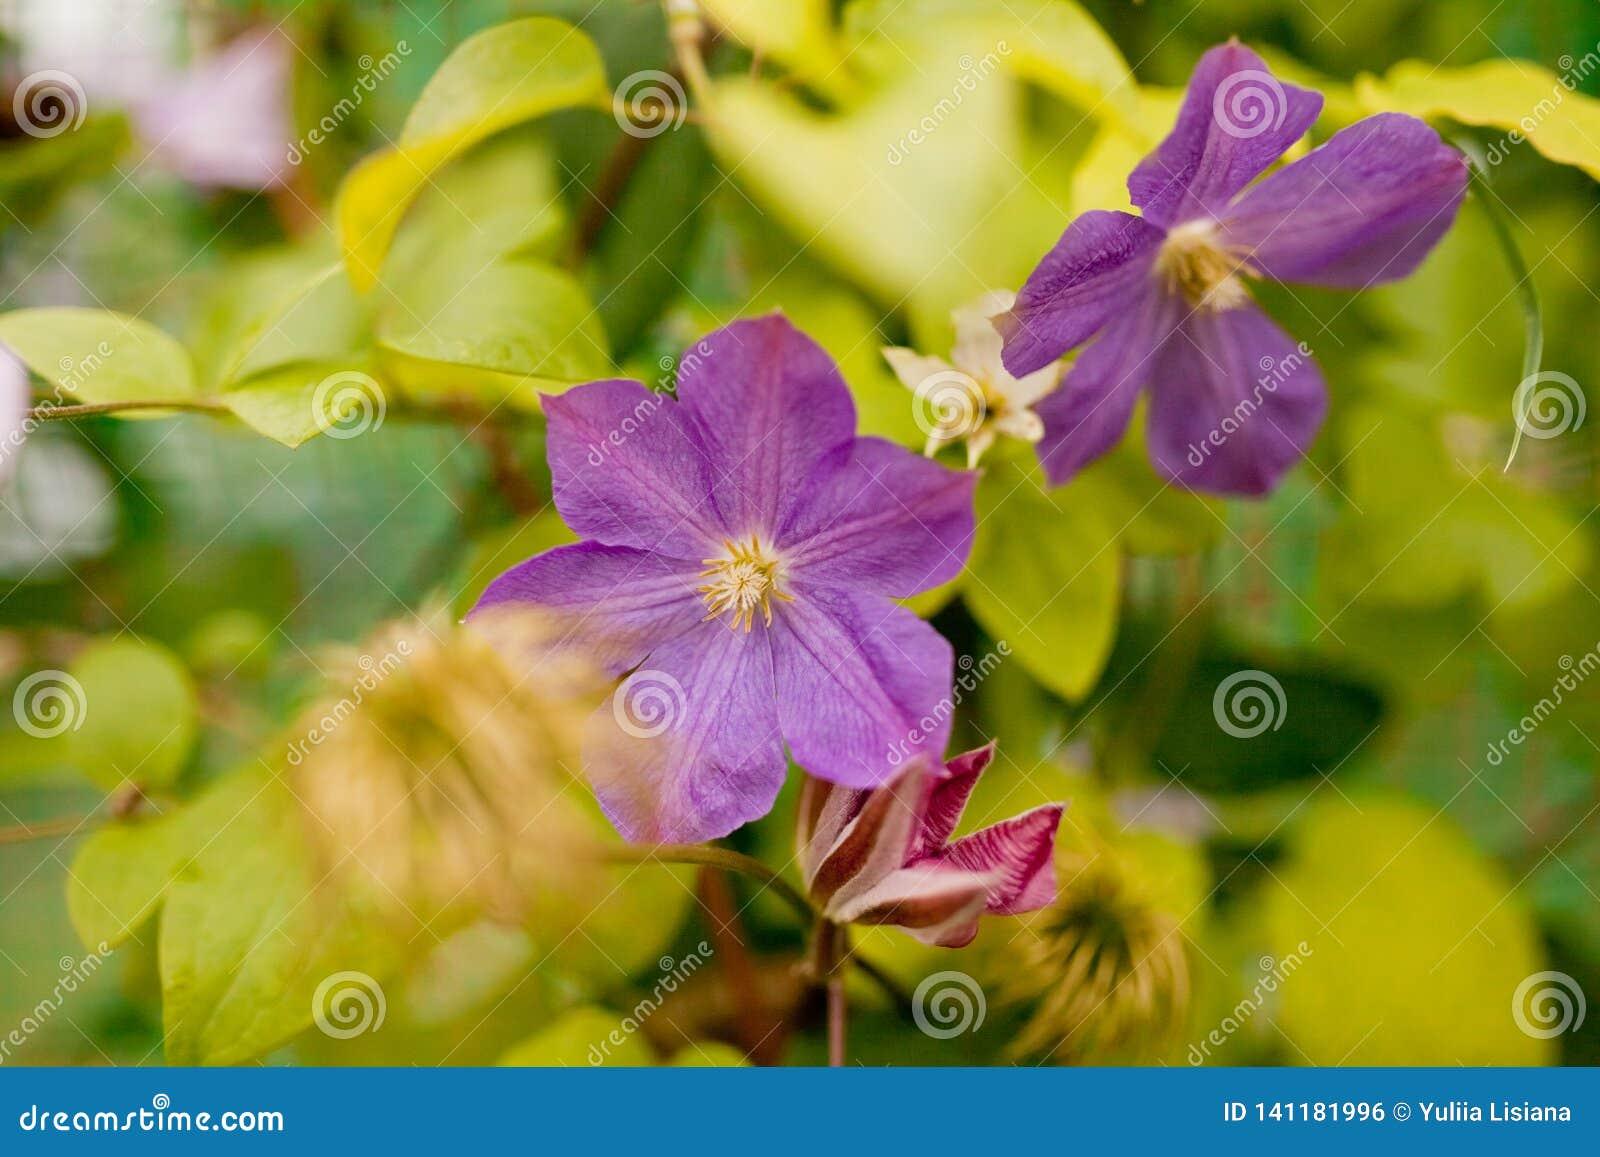 Groß-geblühte Klematis Schöne, große purpurrote Klematis blühen im Garten